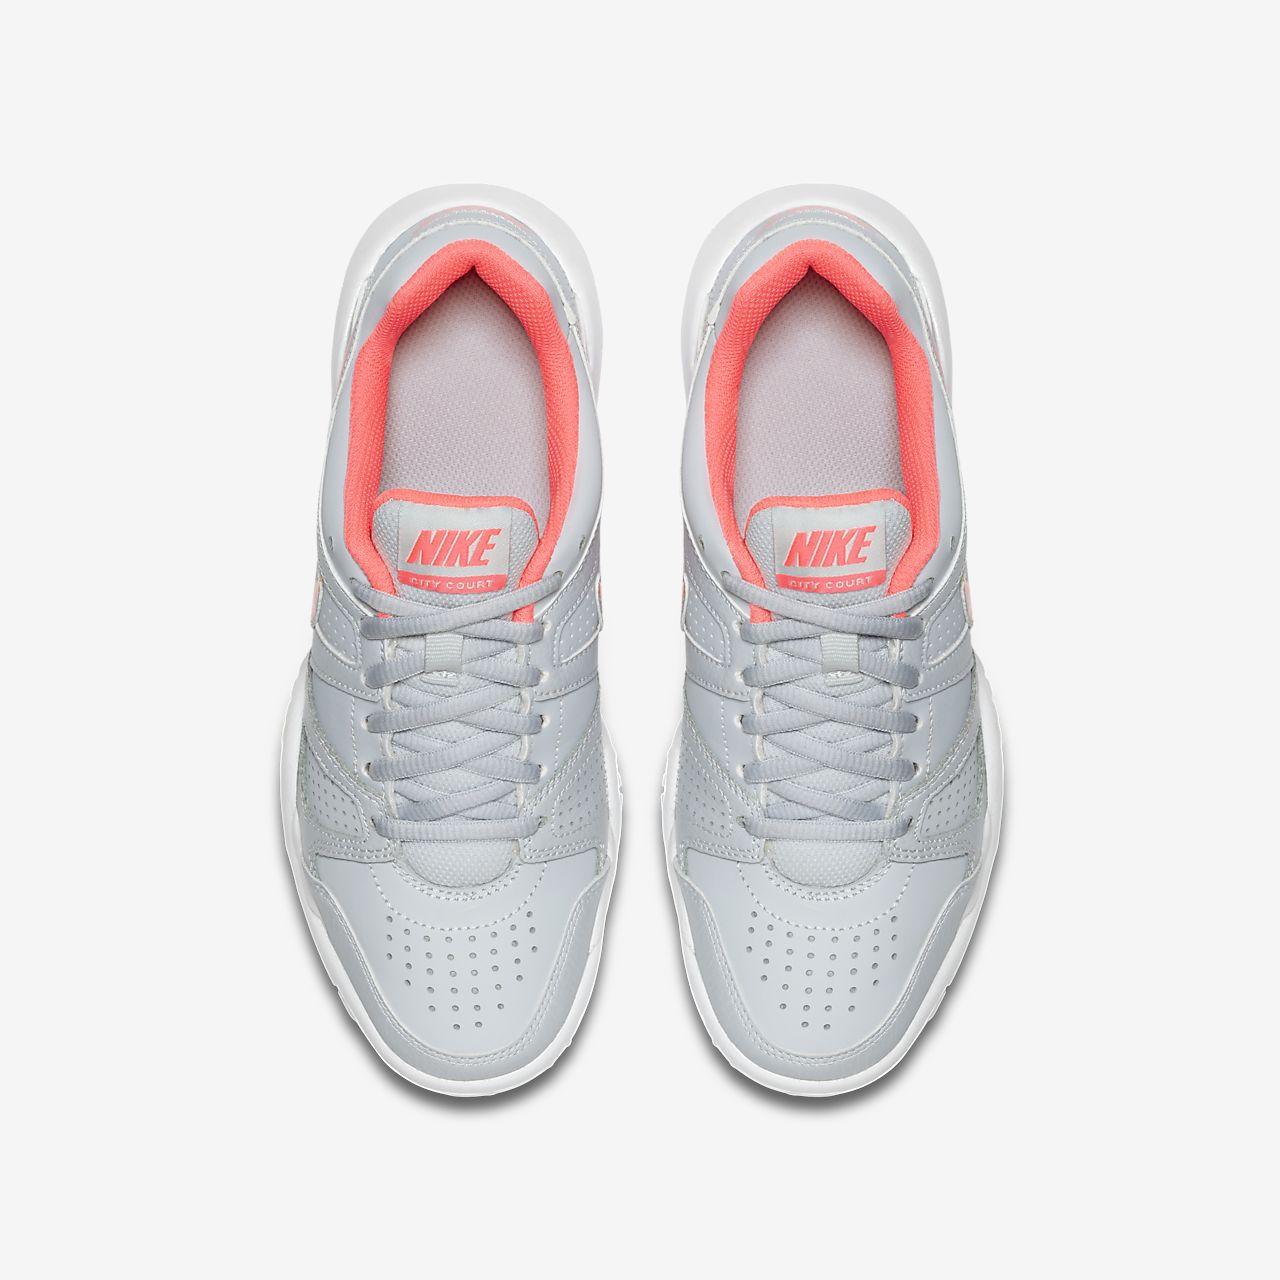 Pour Âgé Tennis Nikecourt Enfant Chaussure 7 Plus De City Court LqUpGjzMVS